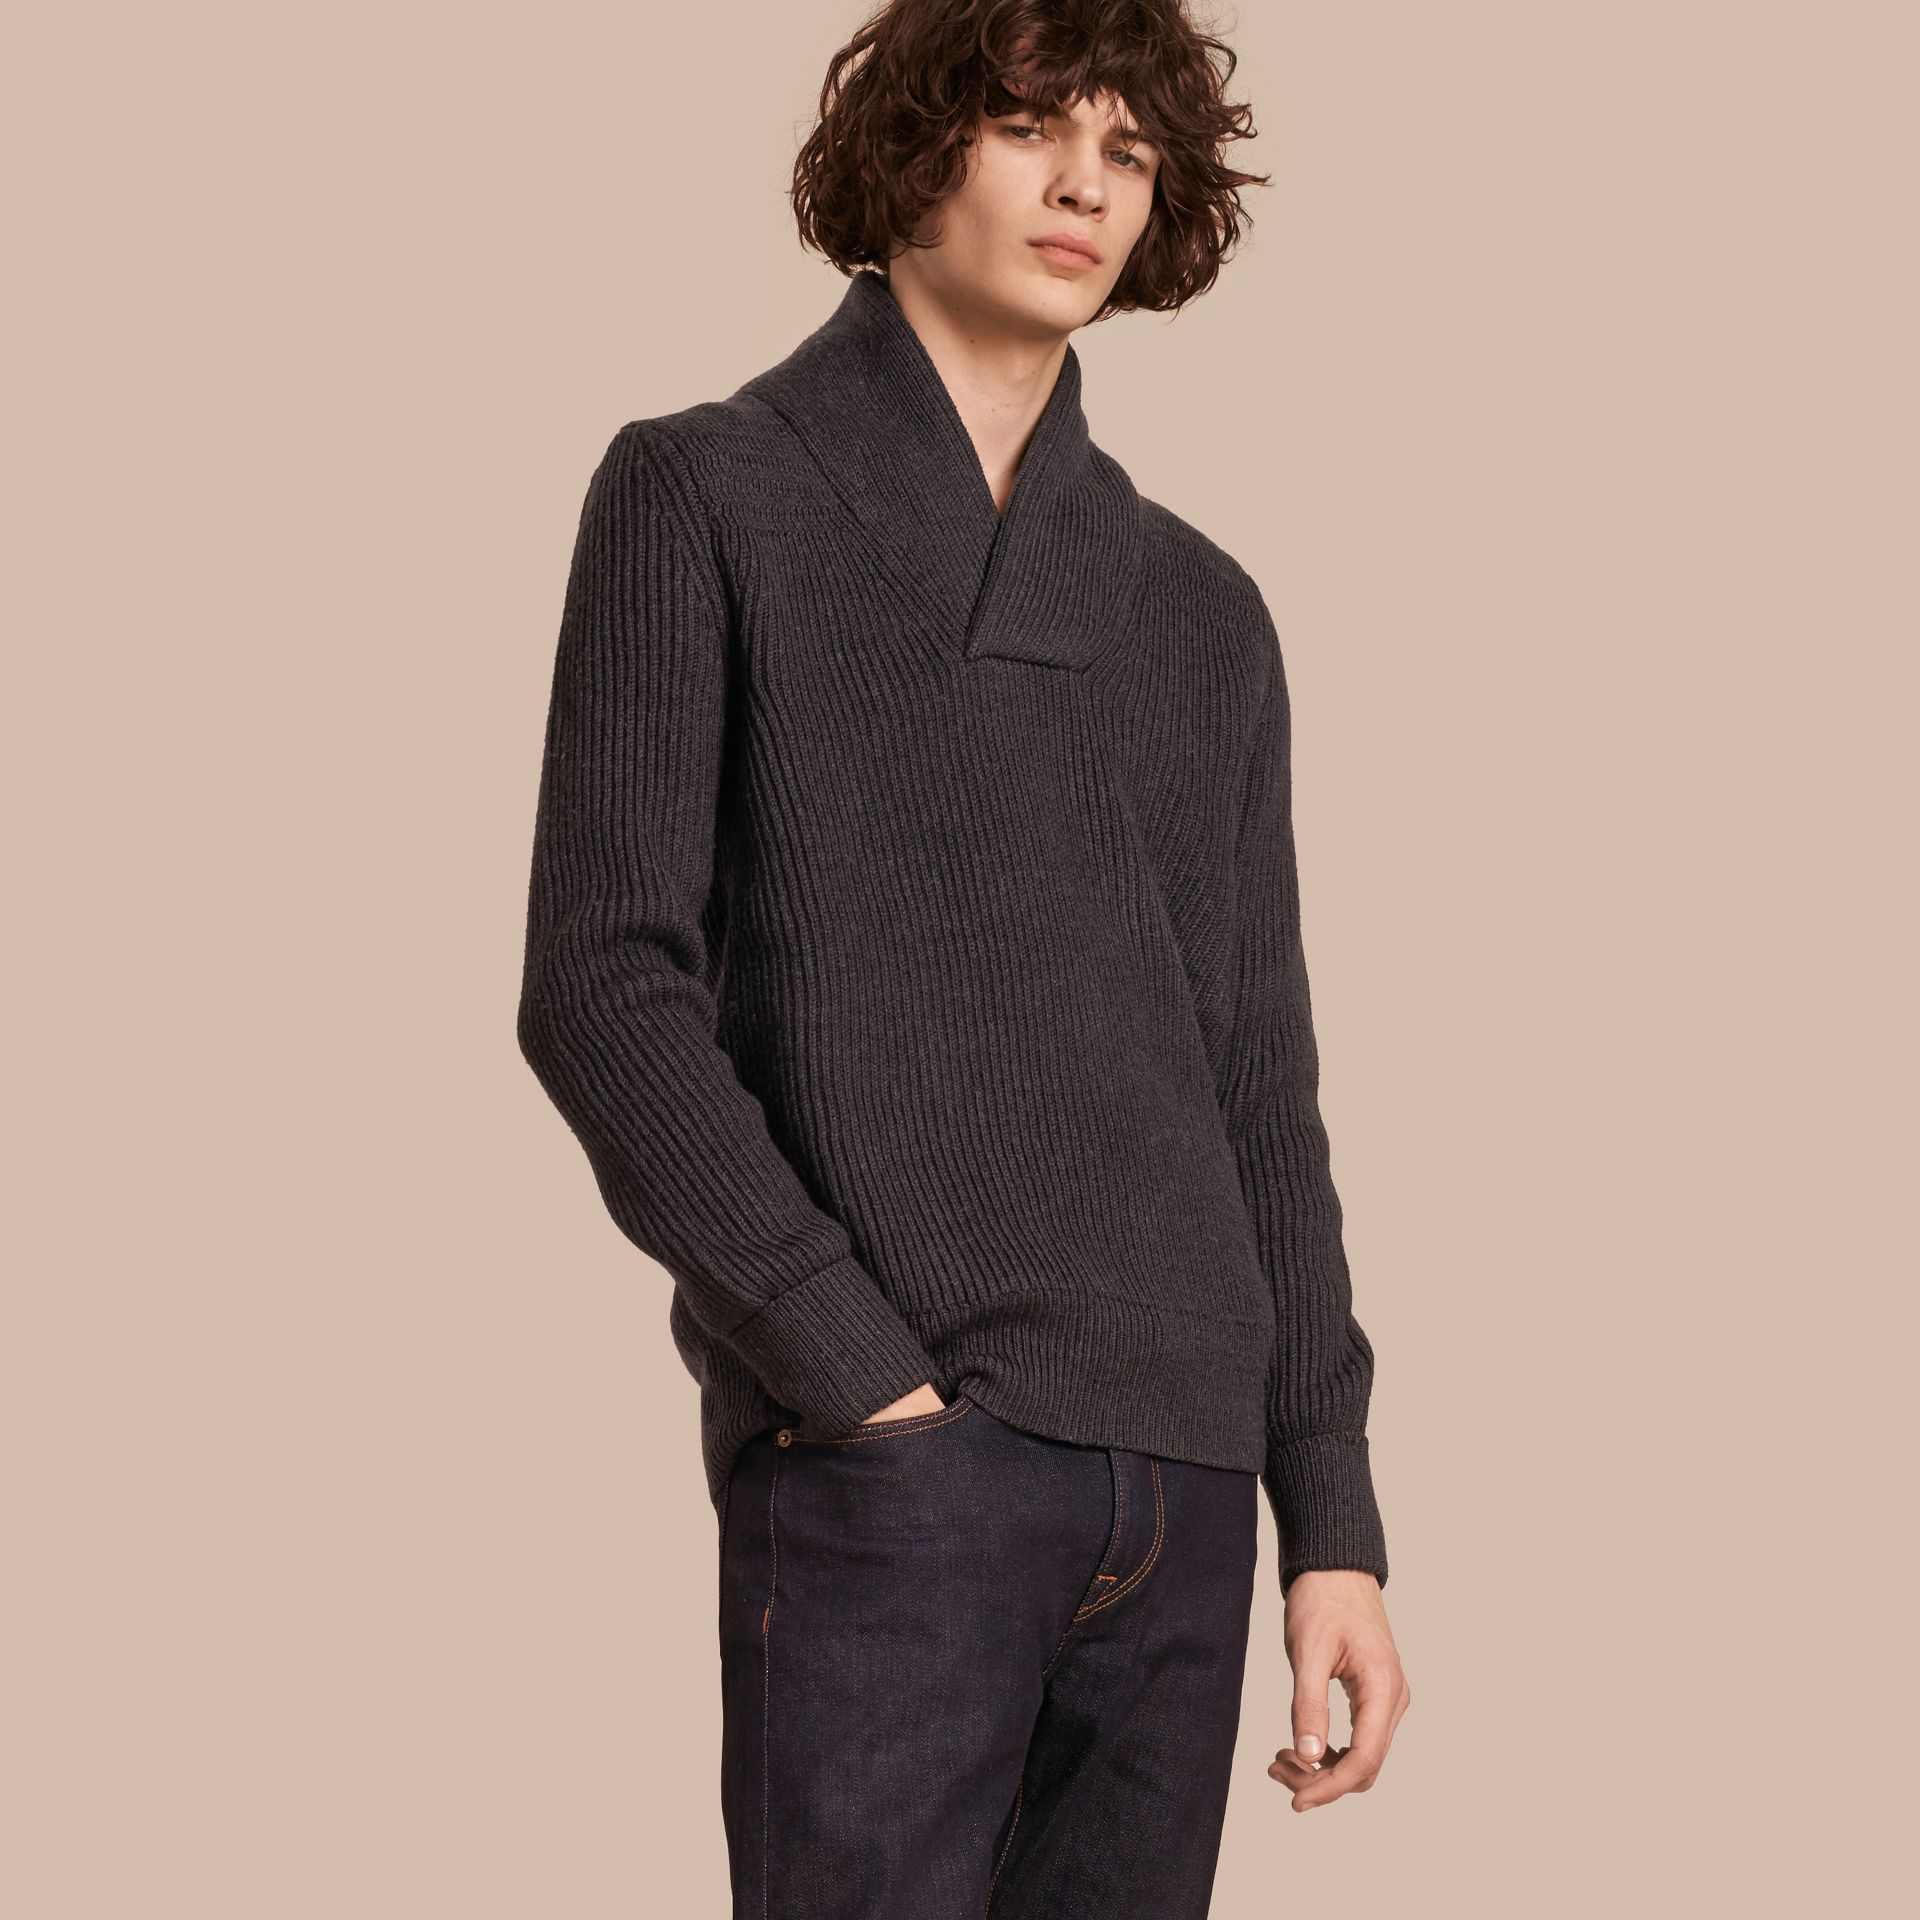 Gris marengo Jersey en mezcla de lana y seda acanalada con cuello de chal - imagen de la galería 1